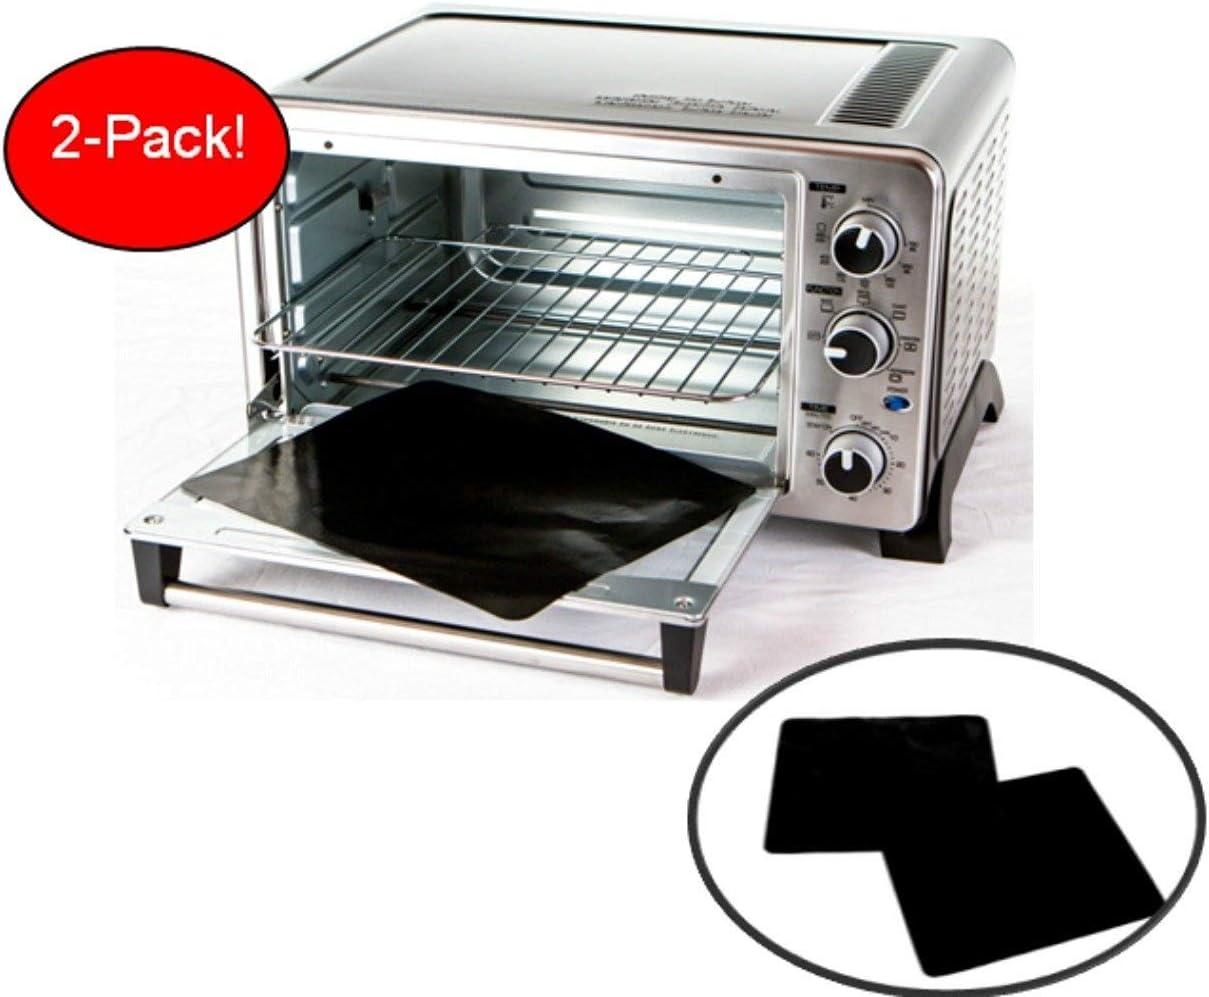 Amazon.com: Paquete de dos moldes antiadherentes para horno ...